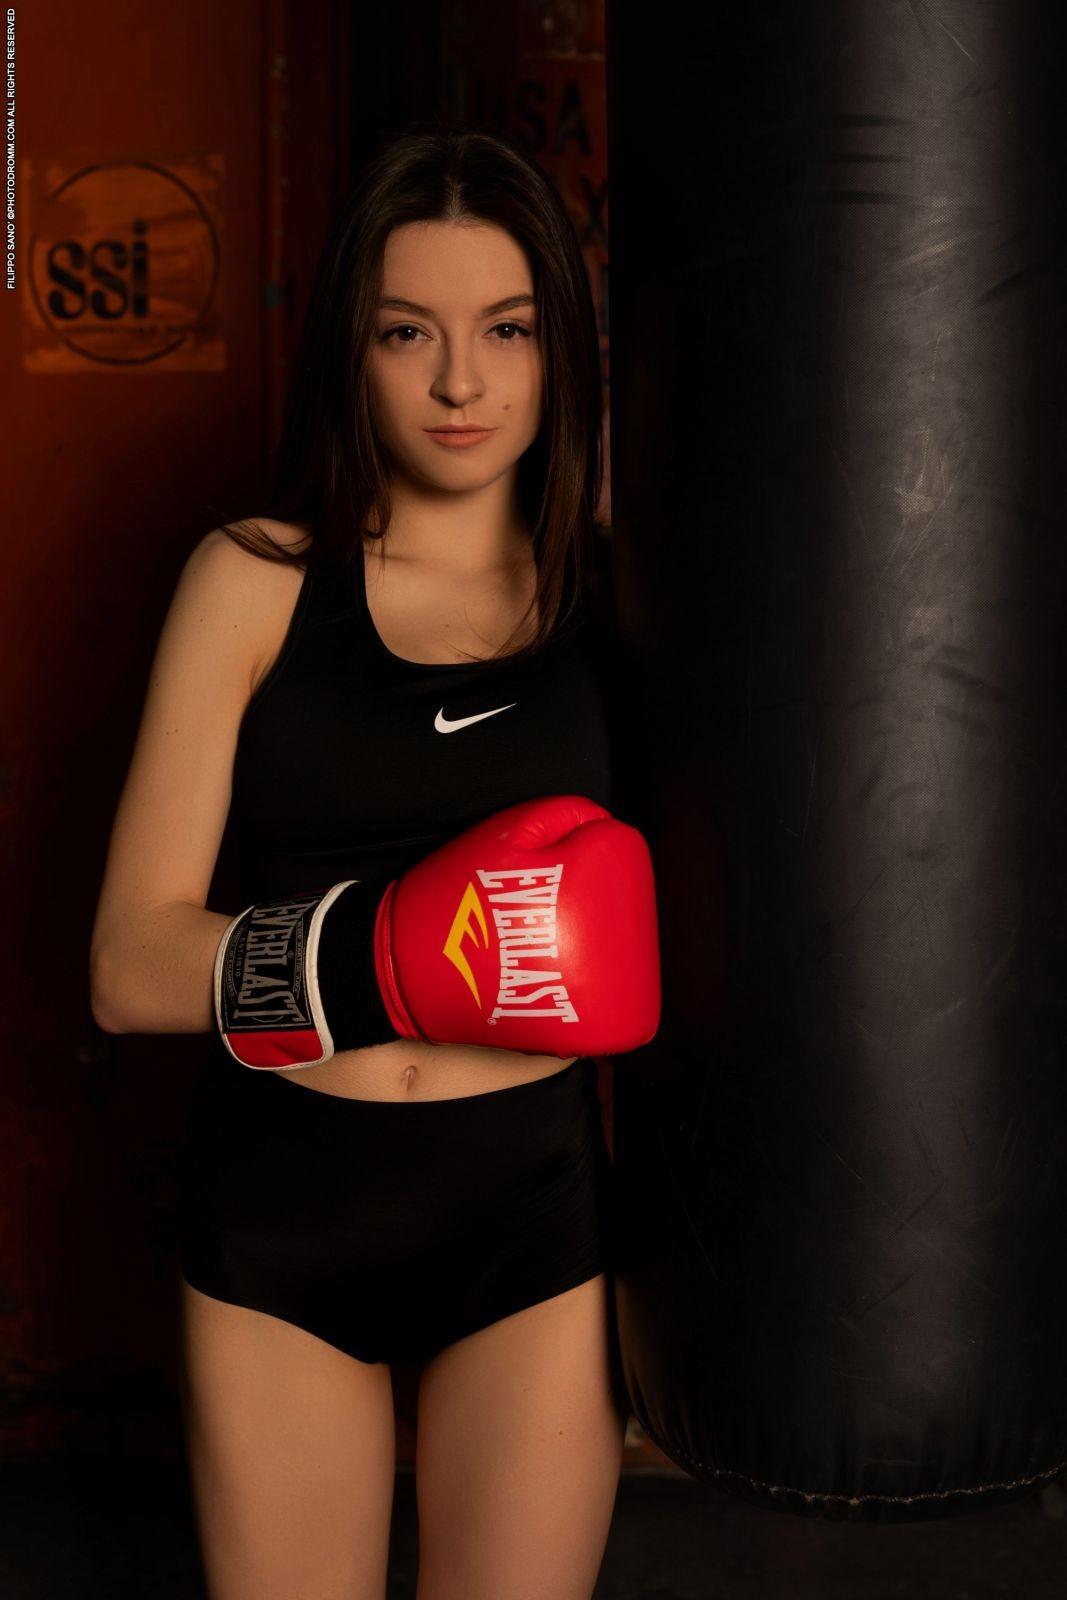 Голая девушка в боксёрских перчатках - фото